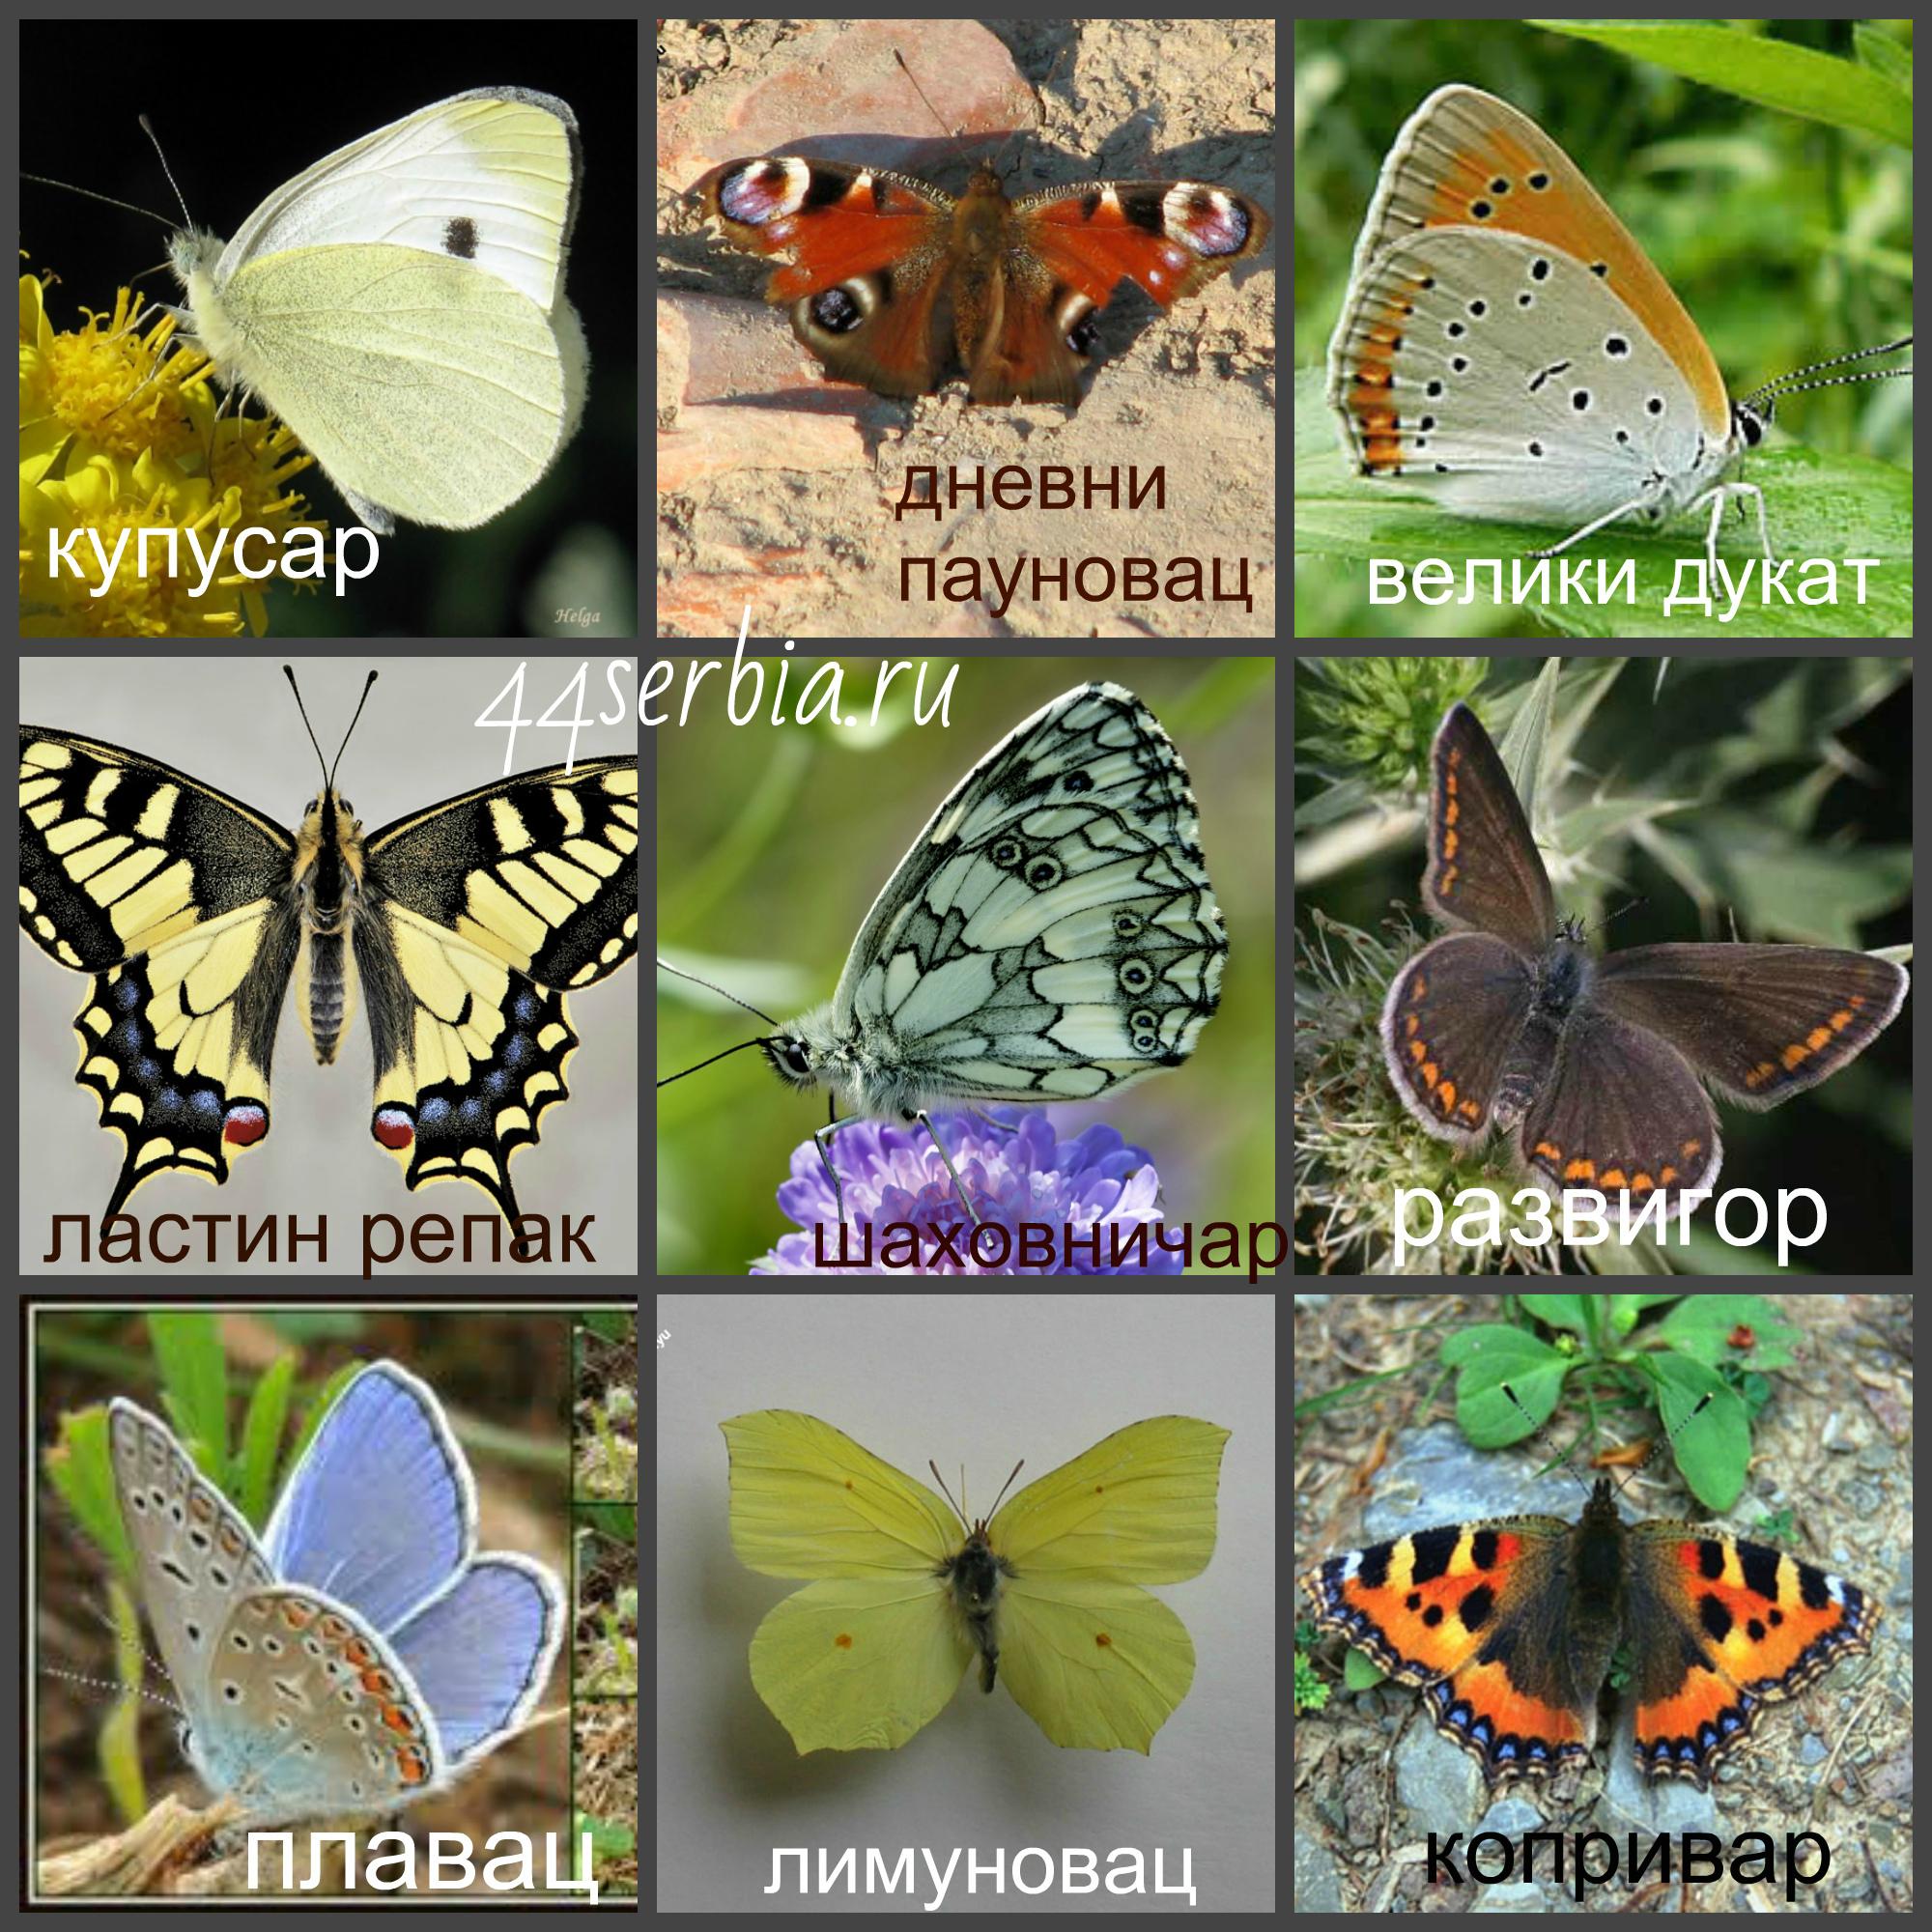 Бабочки – развитие, маскировка, строение, фото и видео - «как и почему»